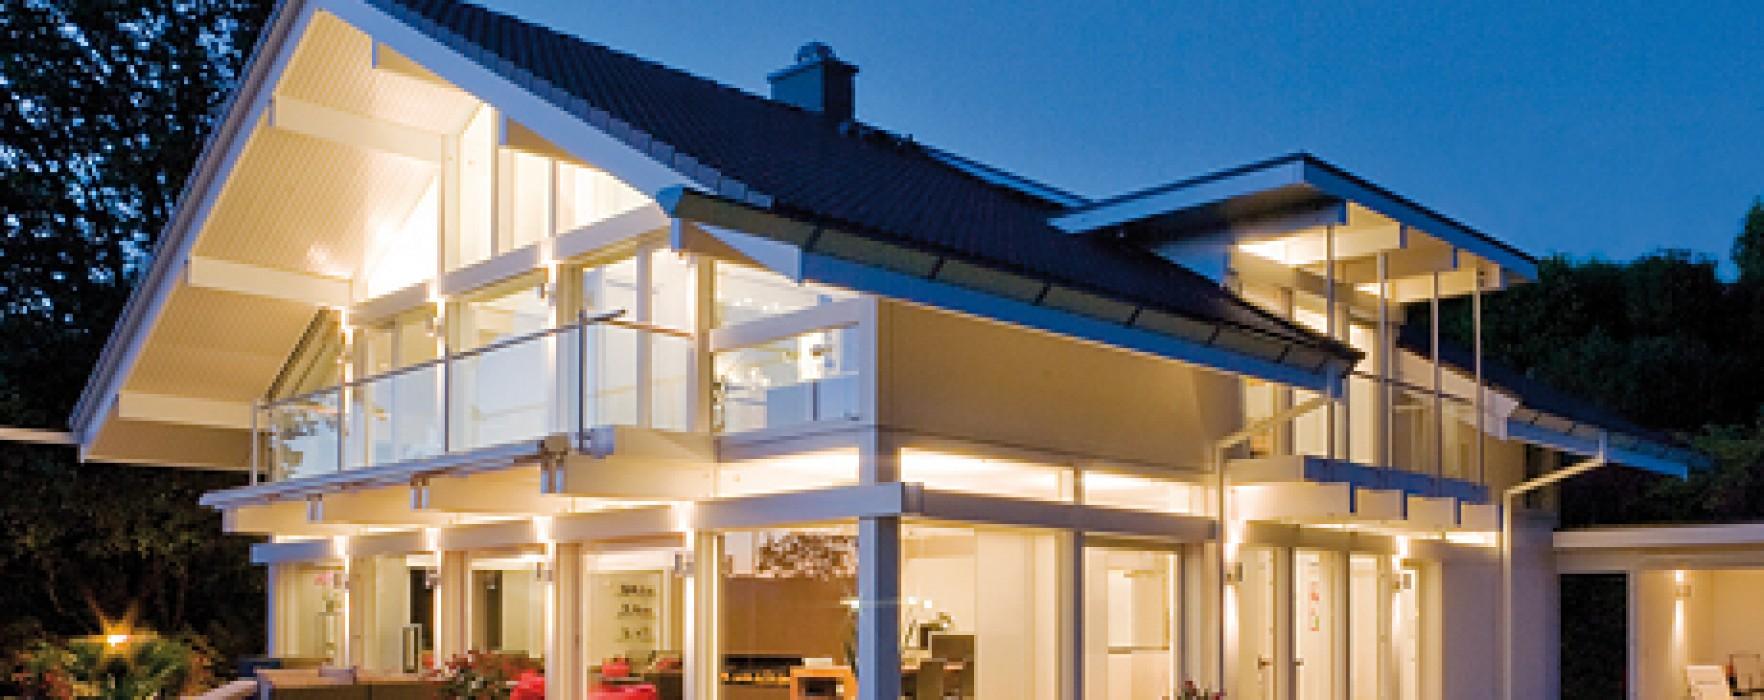 Gasbeton vs case di legno for Costruire tartarughiera in vetro